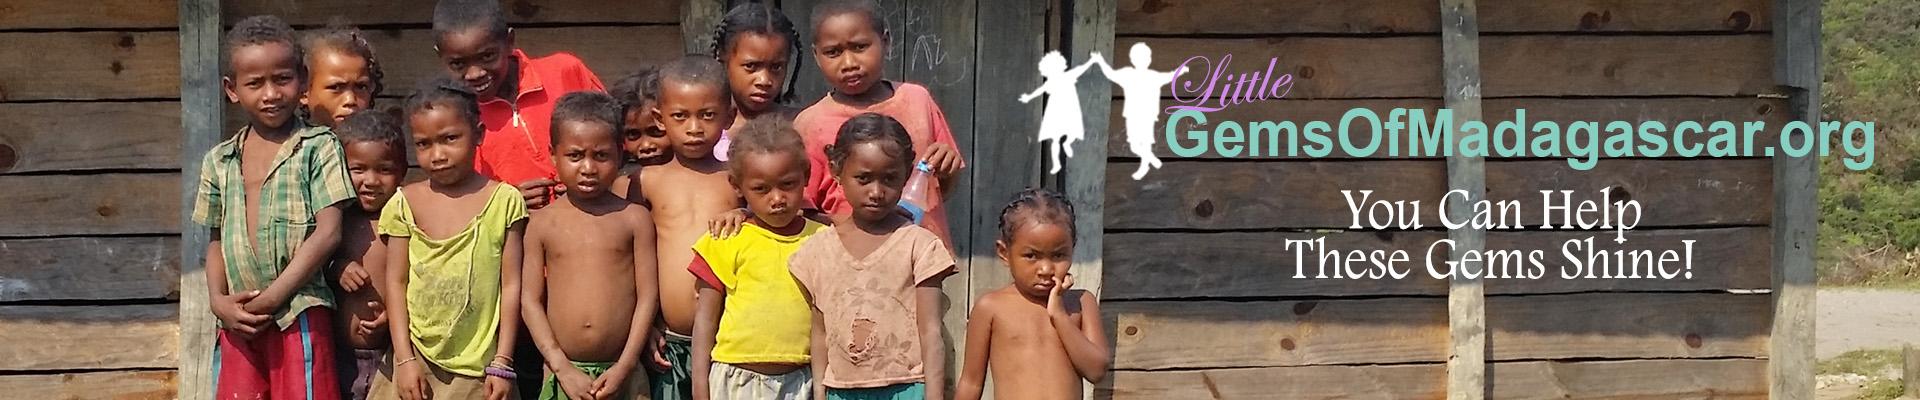 GemsOfMadagascar.org